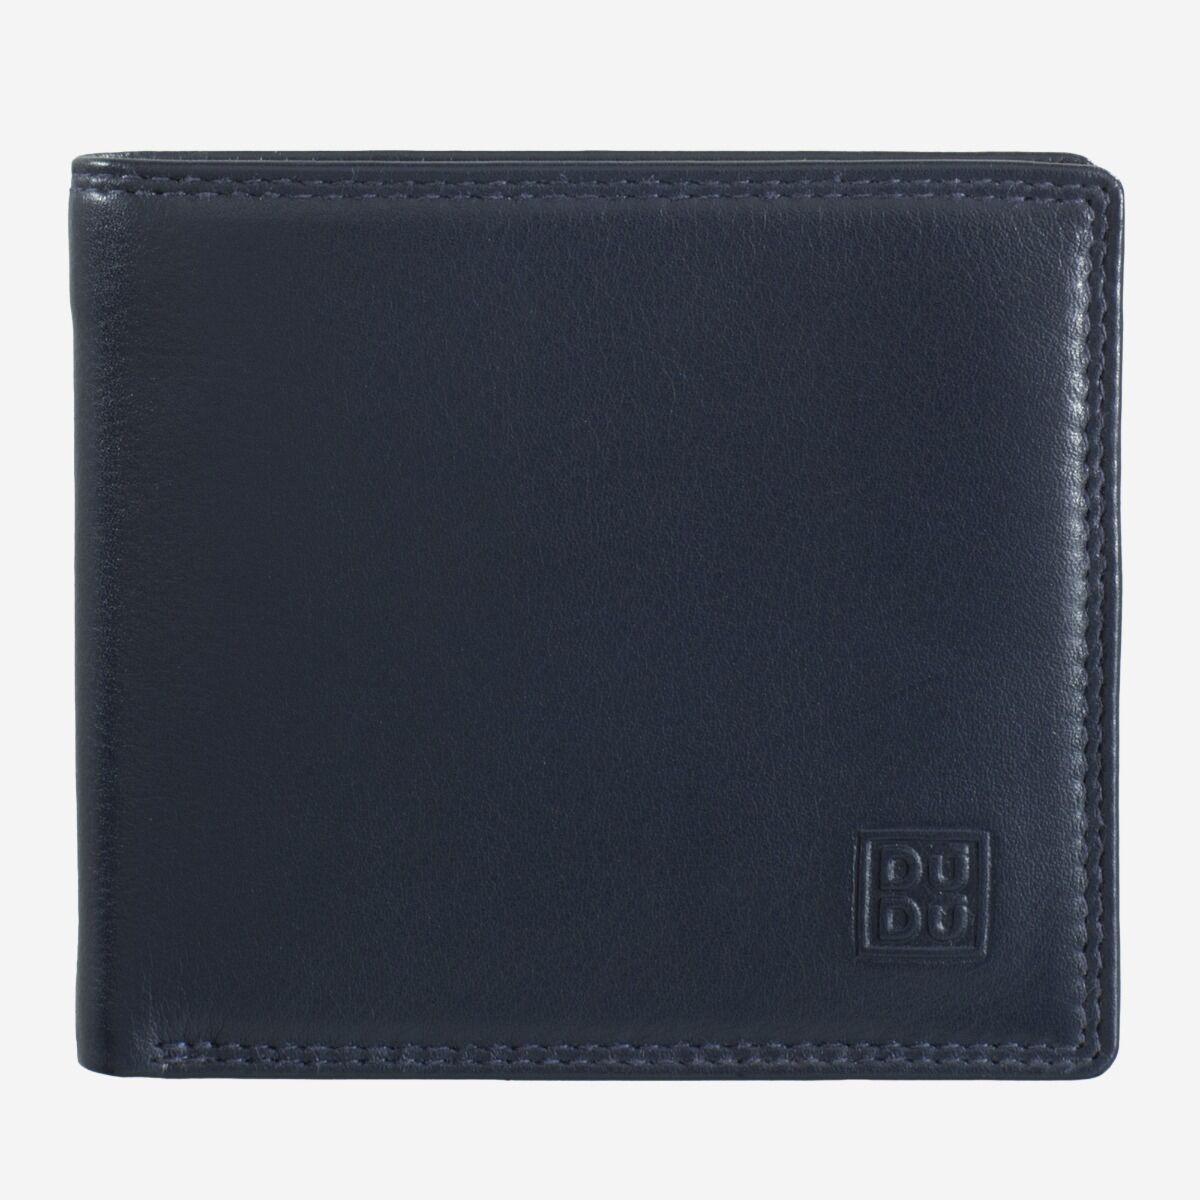 DuDu ארנק עור עם תא למטבעות - כחול נייבי